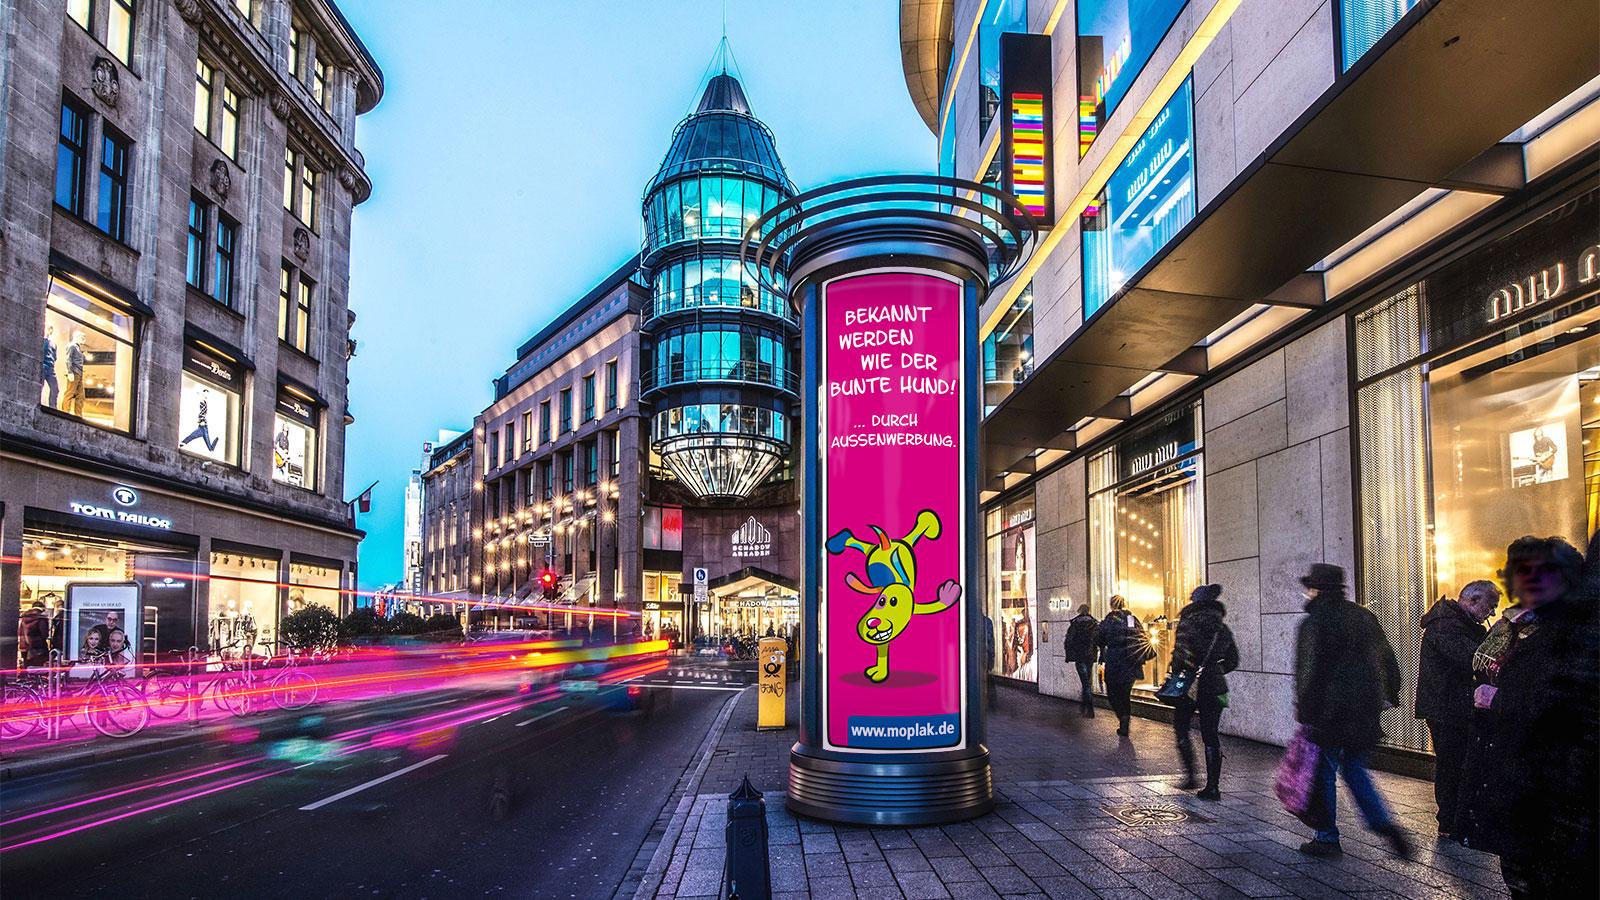 Paderborn-Aussenwerbung-Litfasssaeule-Werbung